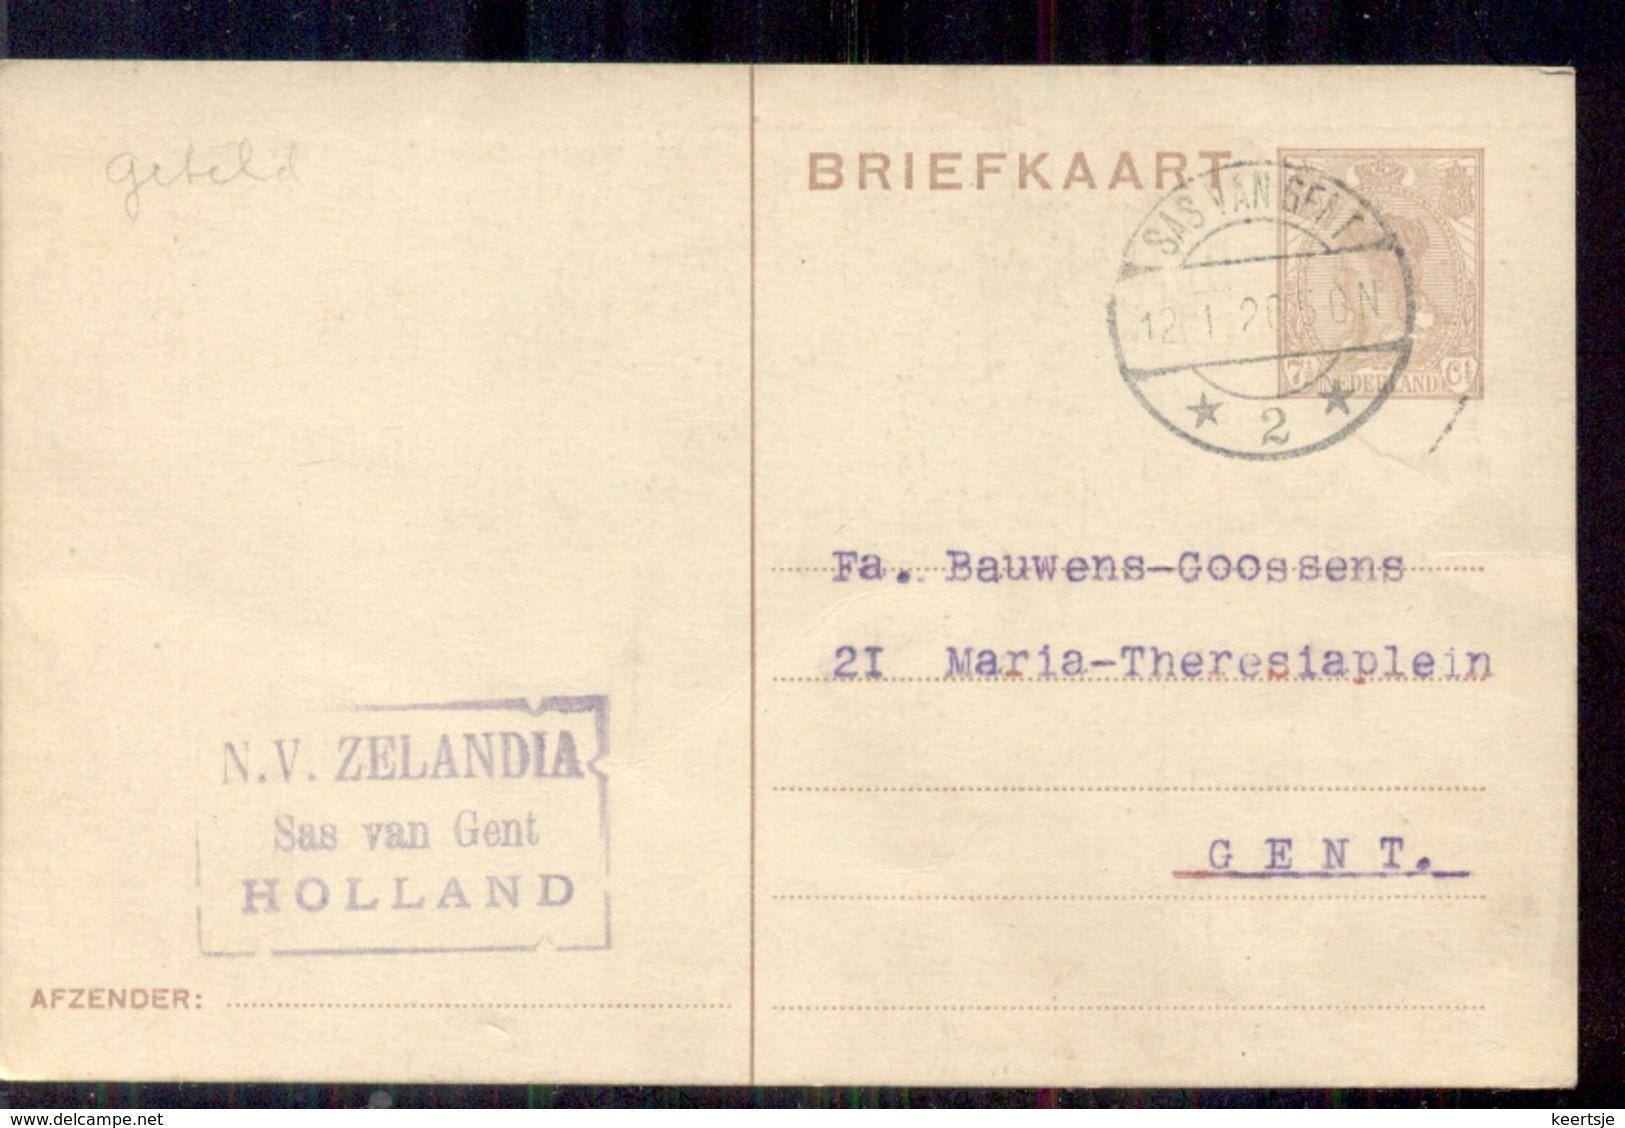 Sas Van Gent - N V Zelandia - 1920 - Postal Stationery